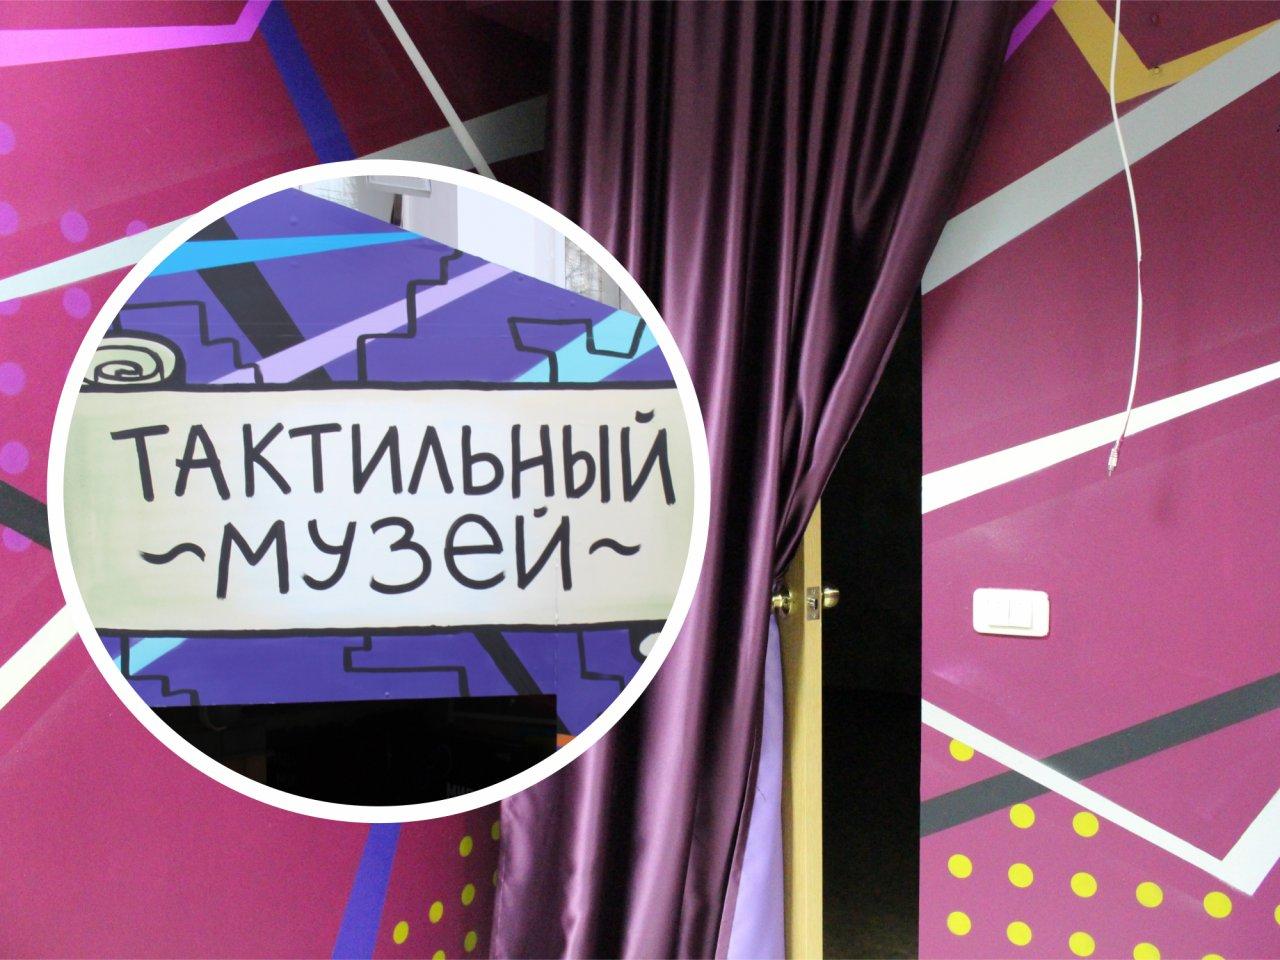 В Кирове откроется музей, посетить который можно только в полной темноте